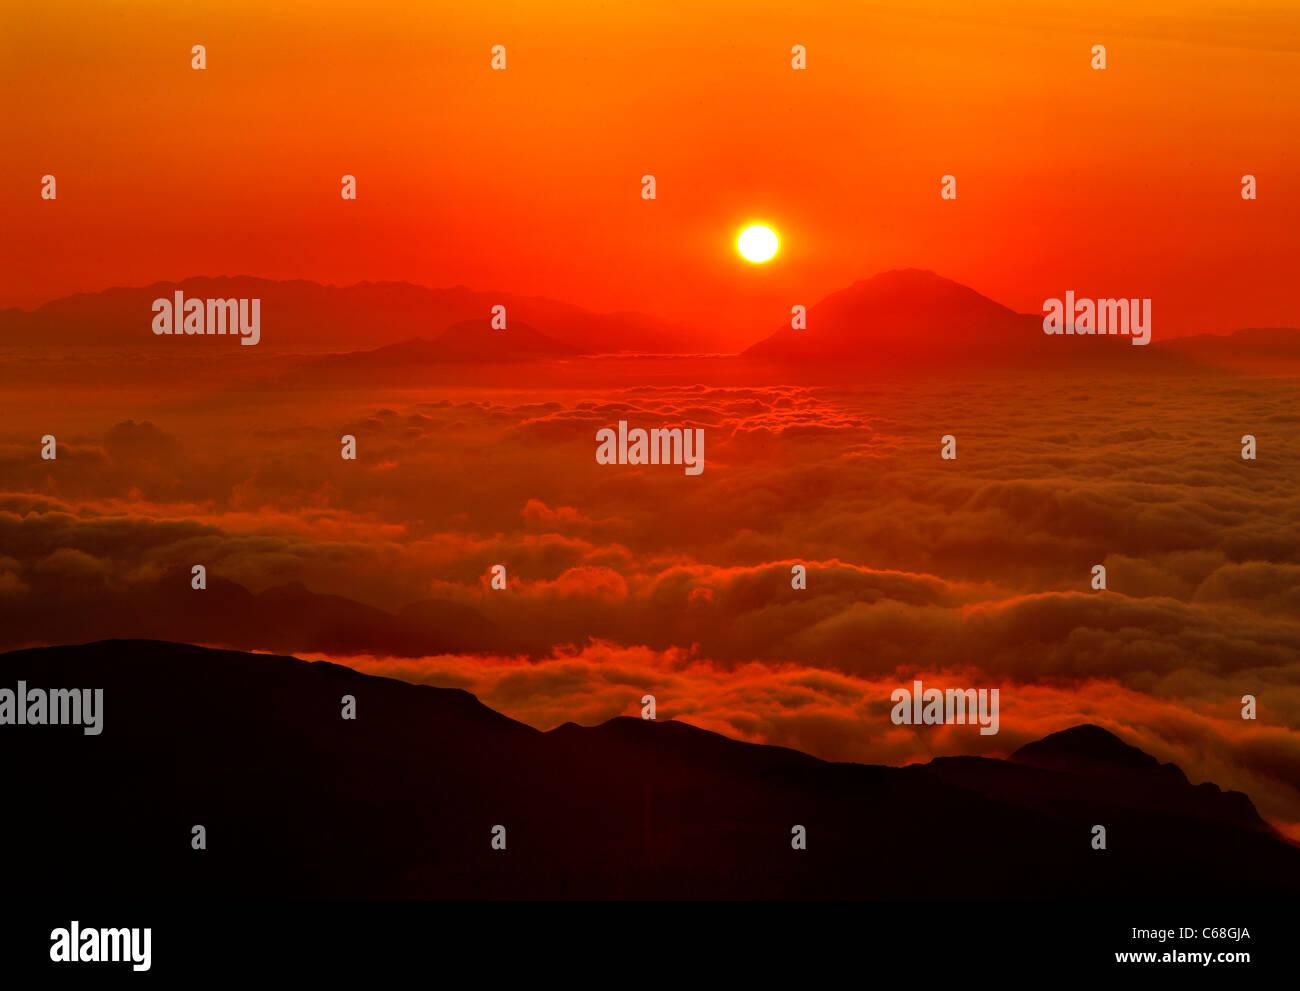 Coucher de soleil au-dessus d'une mer de nuages. Photo prise depuis le mont Kofinas le plus haut sommet de montagnes Photo Stock